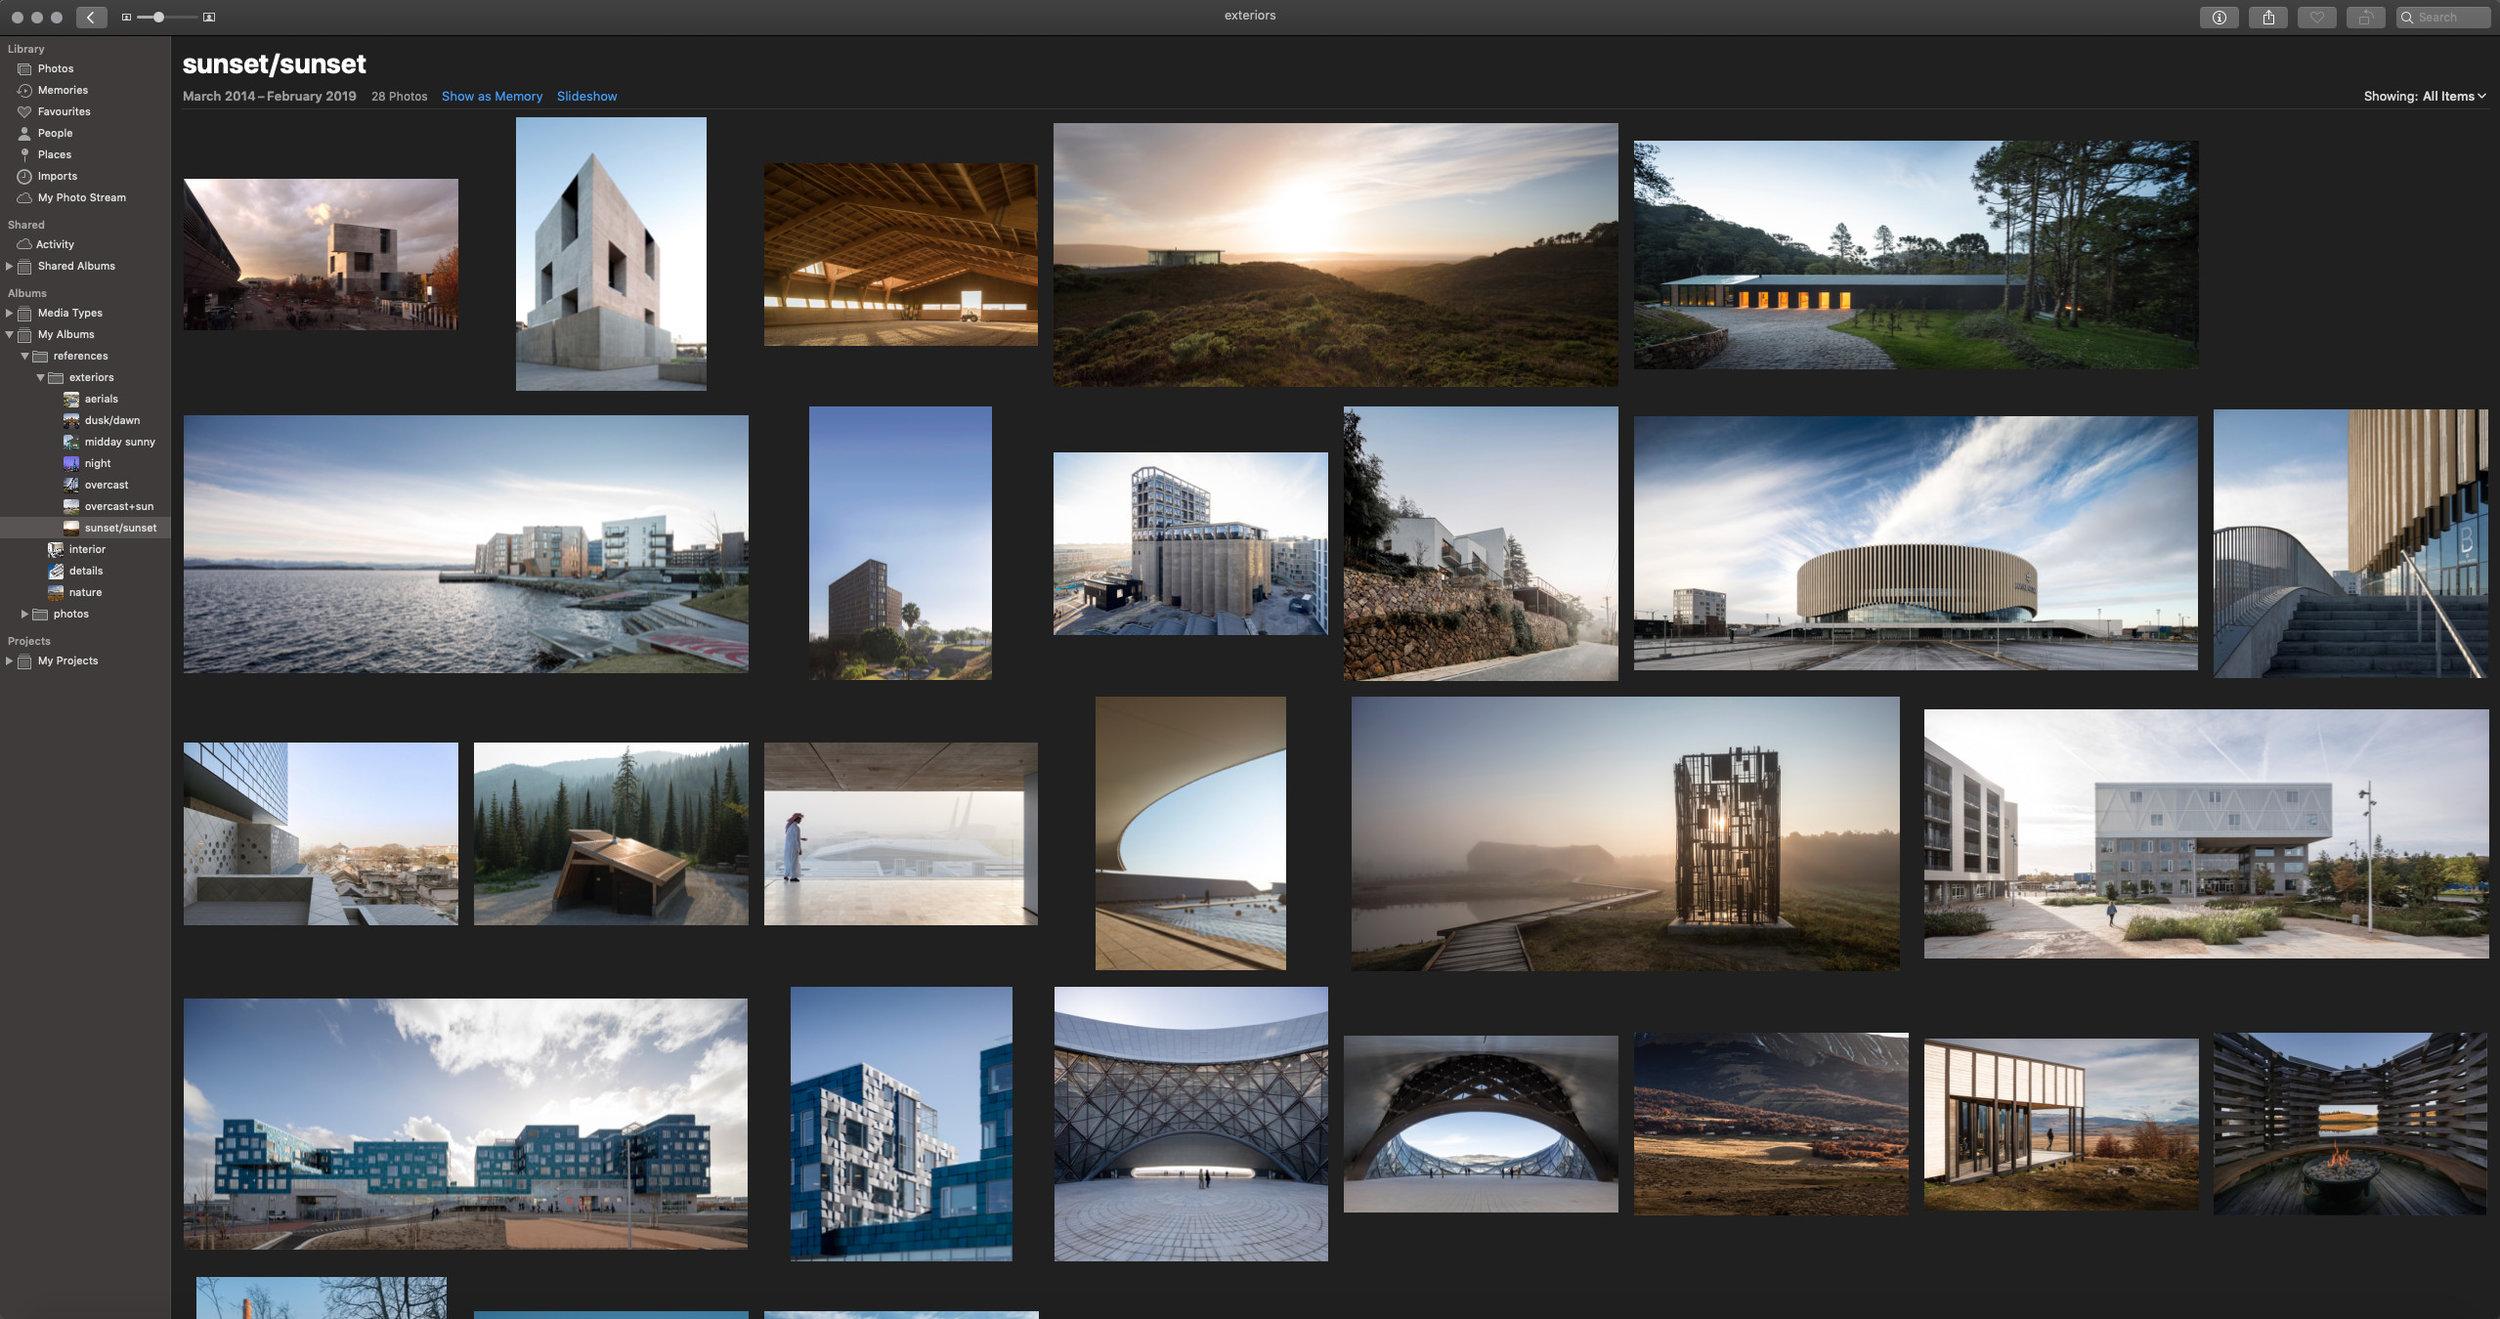 yurii-suhov-photo-references-sunset.jpg